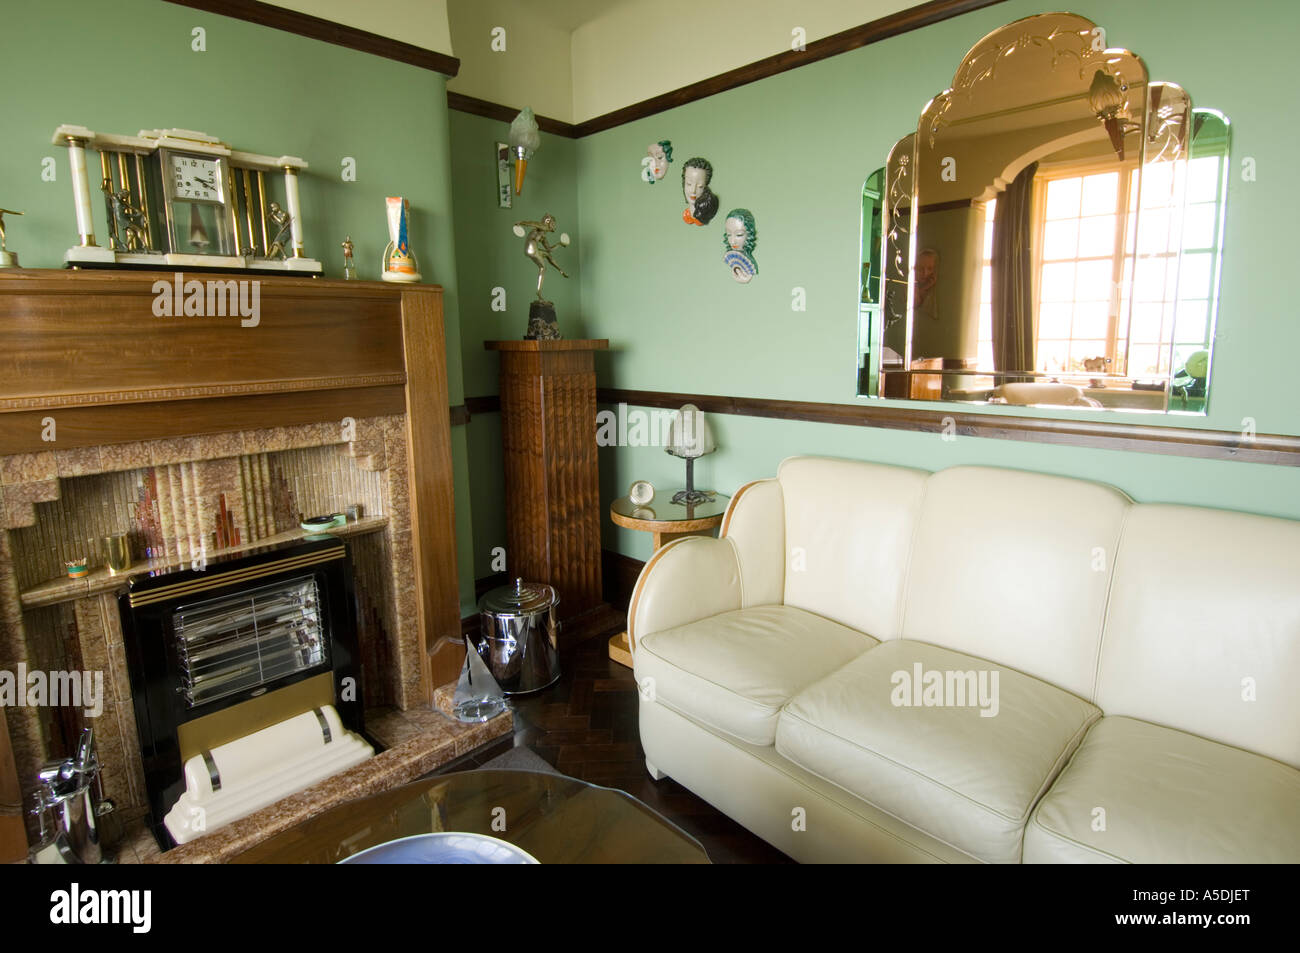 rnovation art deco art nouveau 1930 s chambre salon salon intrieur couleur vert